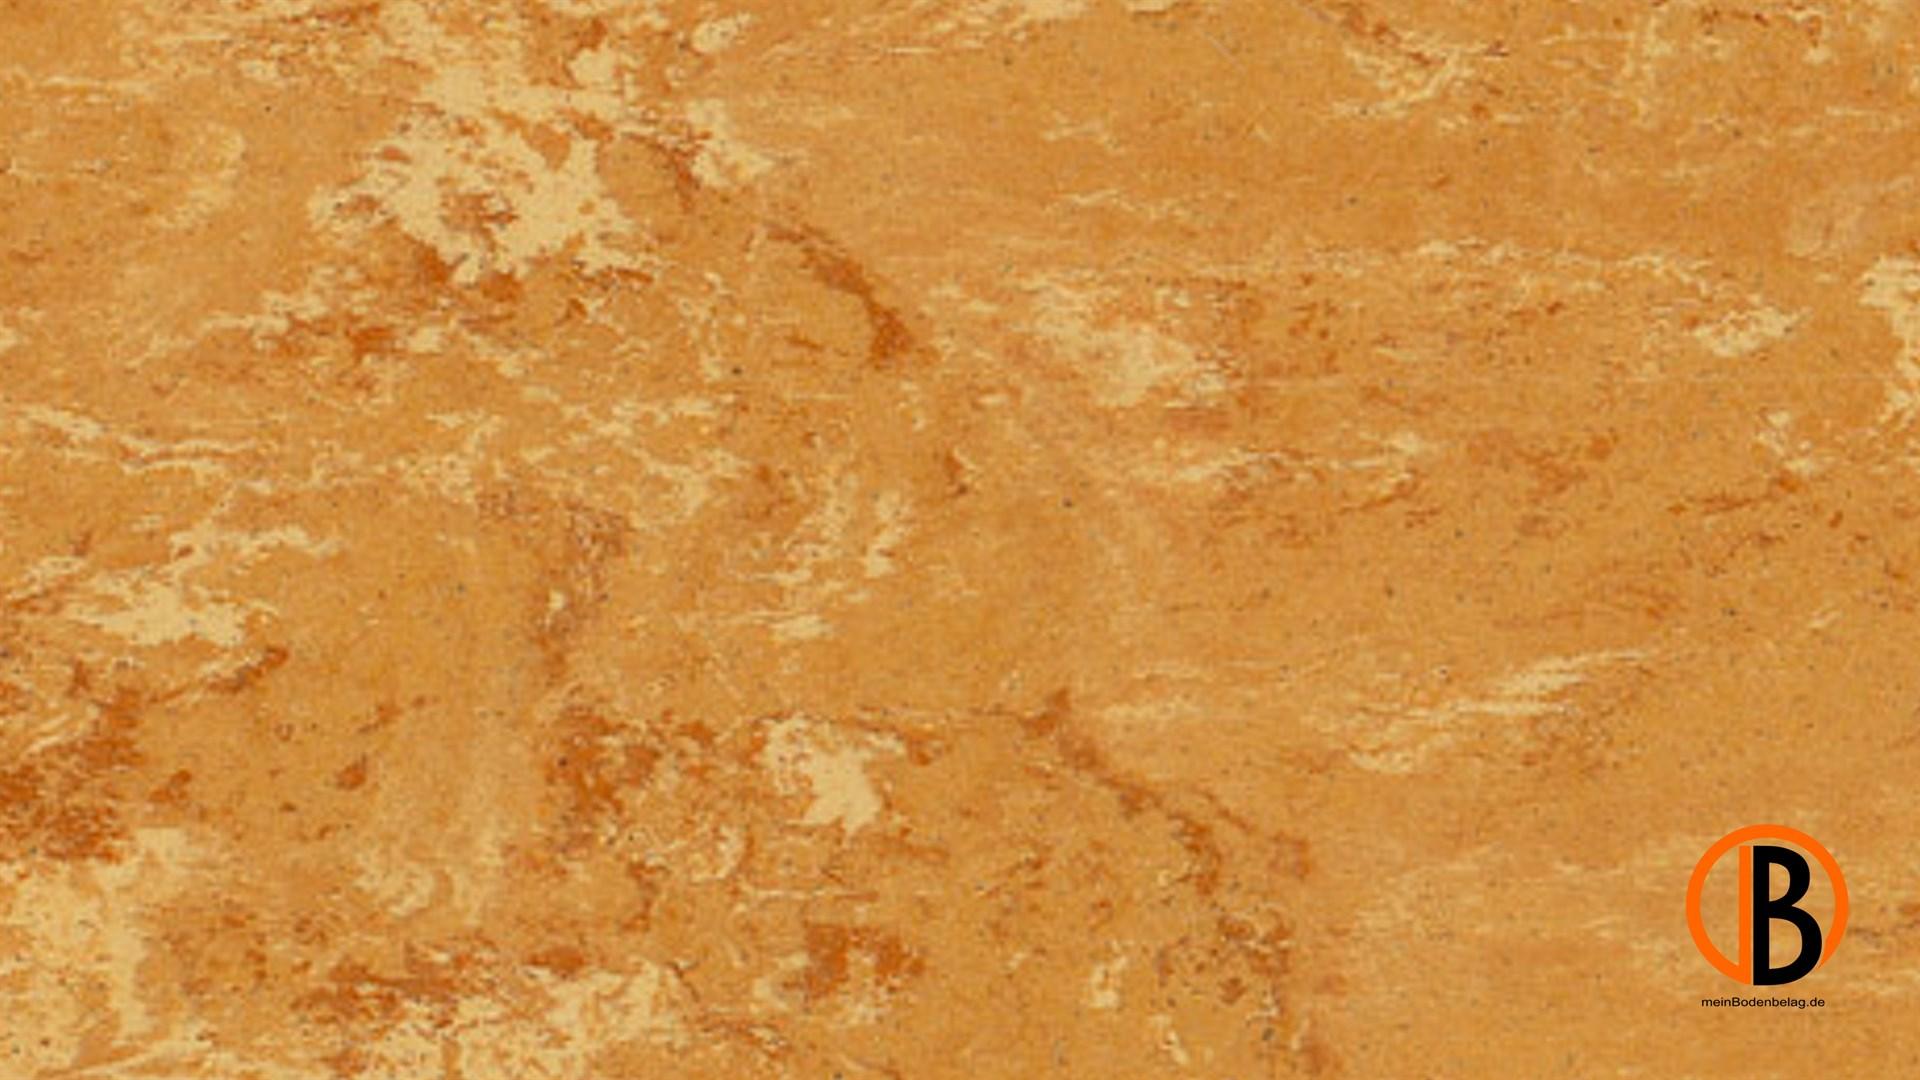 CINQUE KWG LINOLEUM-FERTIGPARKETT PICOLINO | 10000408;0 | Bild 1